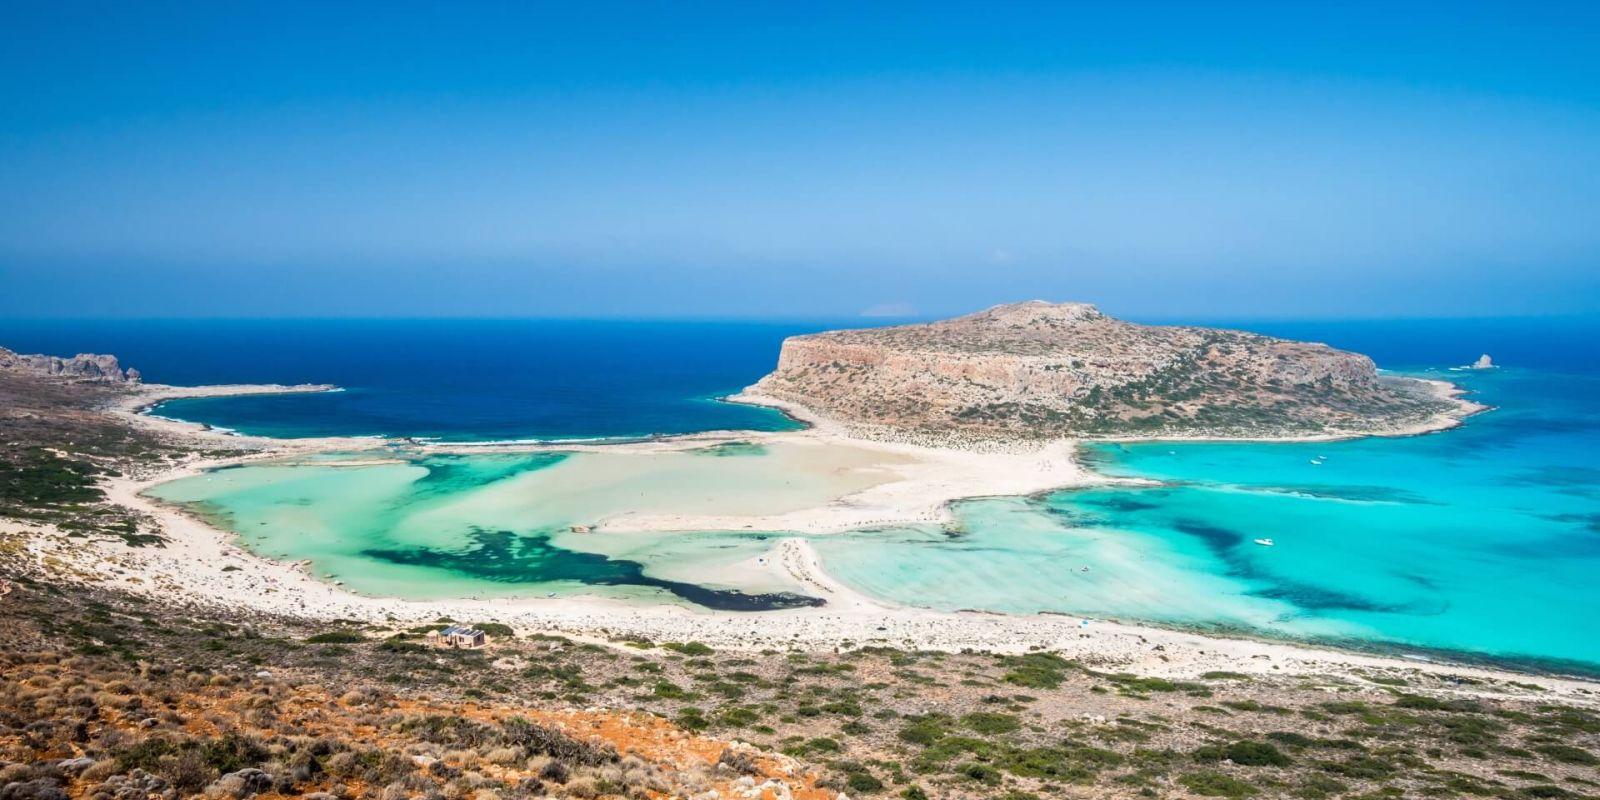 https://www.talamare.fr/medias/La baie de Balos et son lagon turquoise sur l'île de Crète lors d'une location de yacht en Grèce